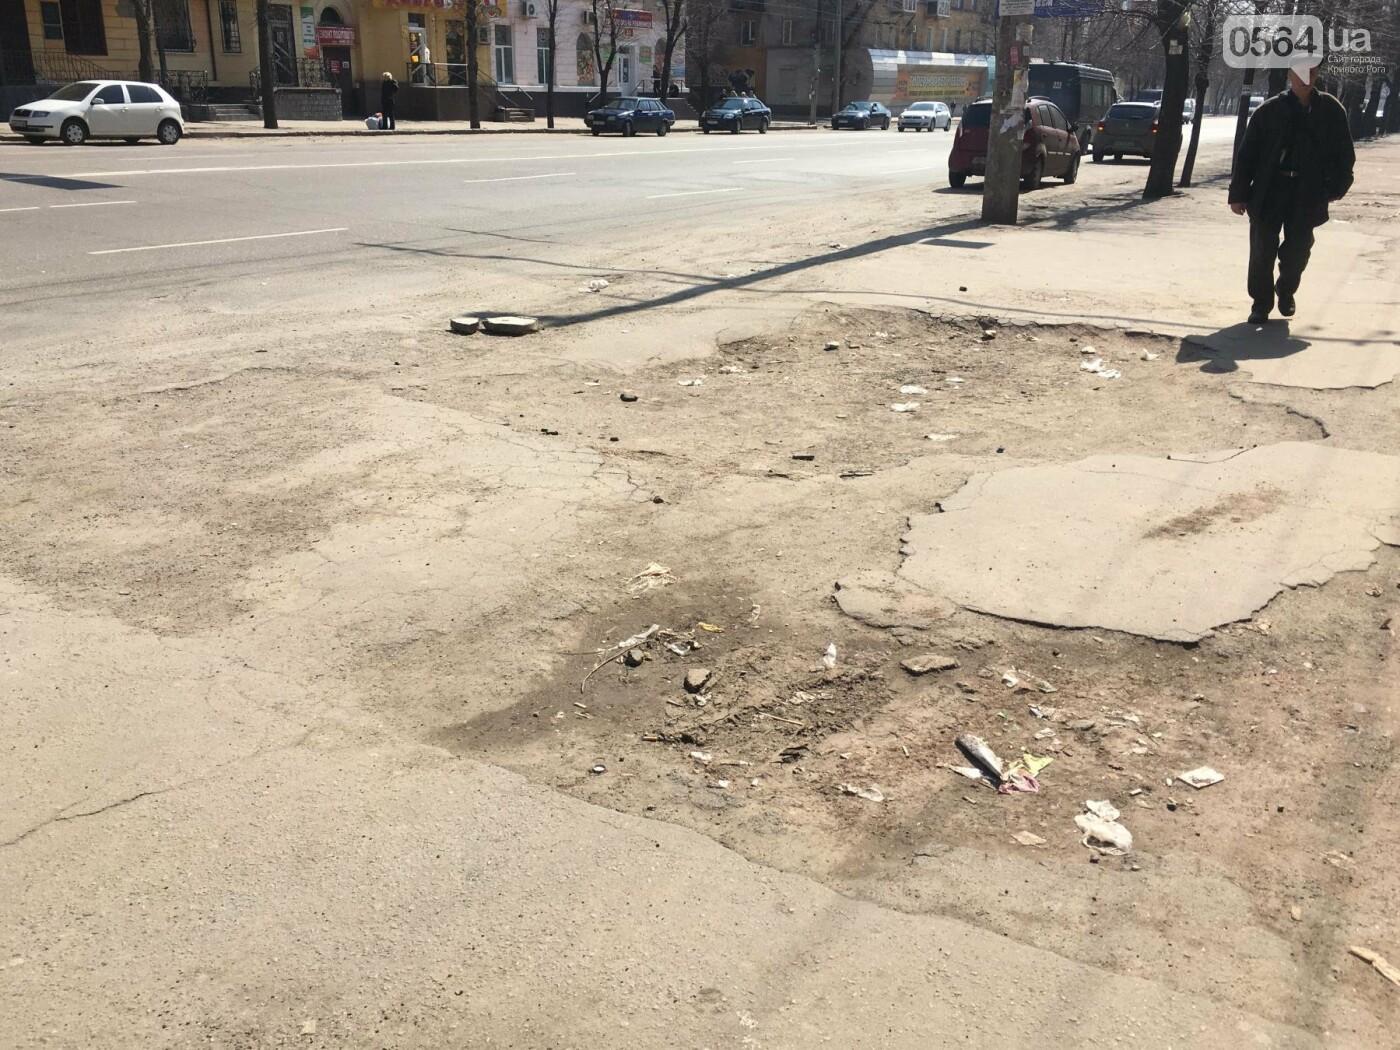 Криворожская правозащитница потребовала отремонтировать остановку так же быстро, как и дорожки перед райисполкомом (ФОТО), фото-9